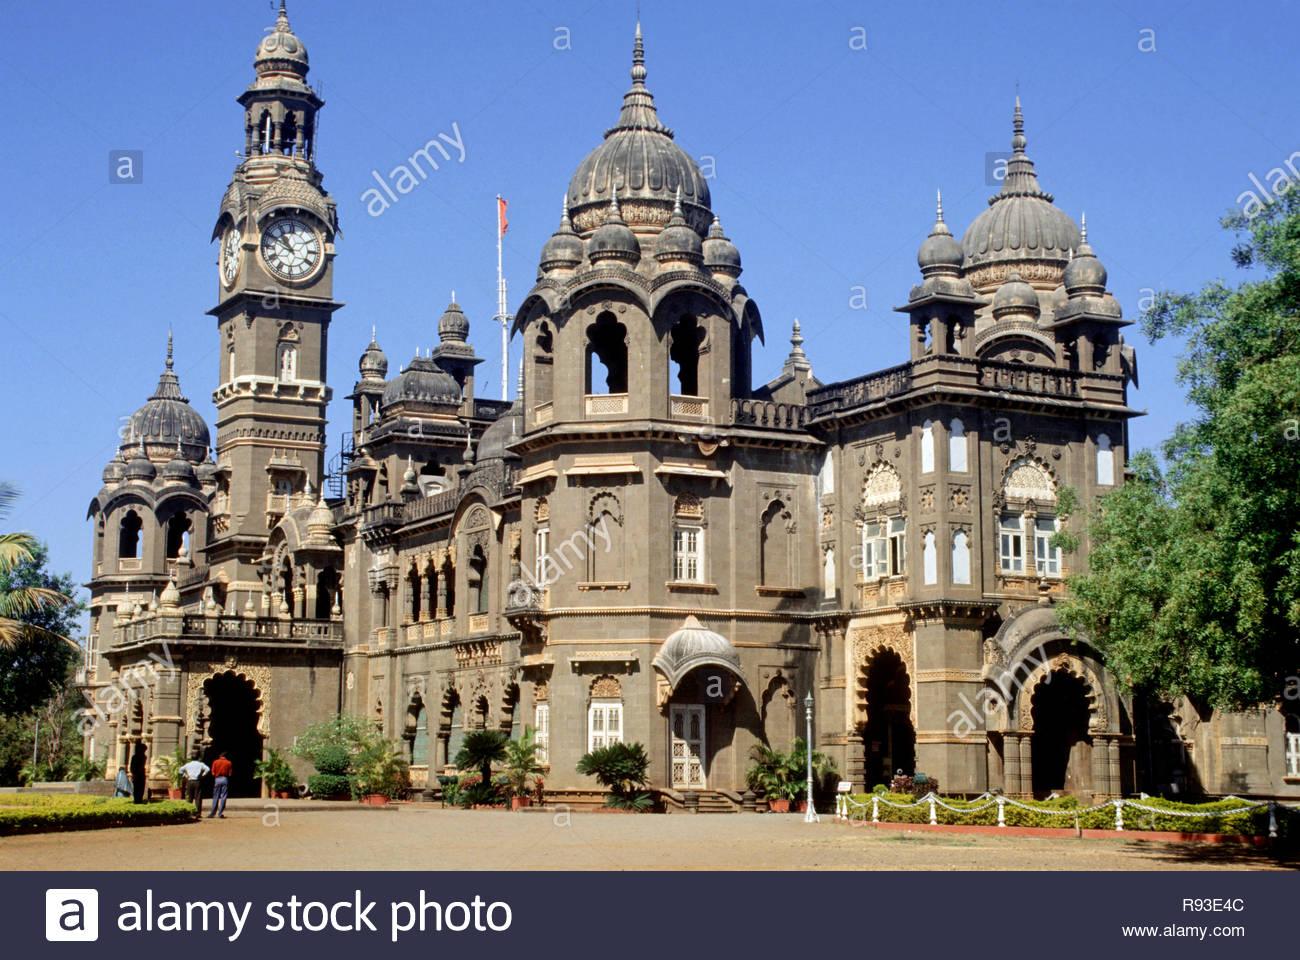 New Palace Built in 1877 to 1884, Kolhapur, Maharashtra, india Stock Photo